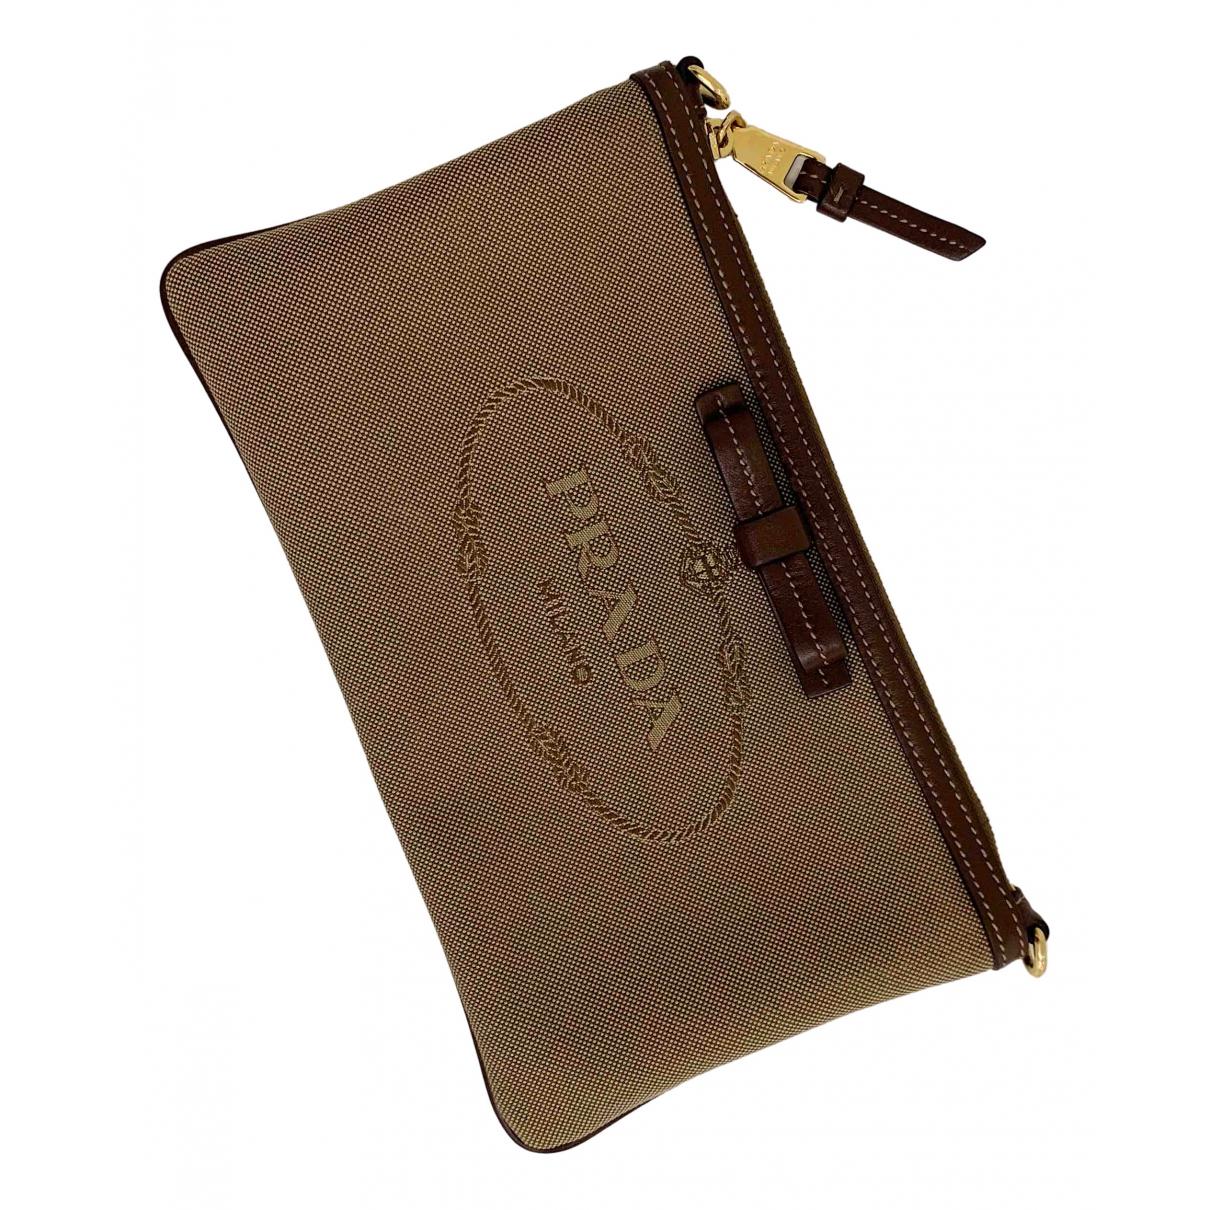 Prada \N Camel Cloth Clutch bag for Women \N